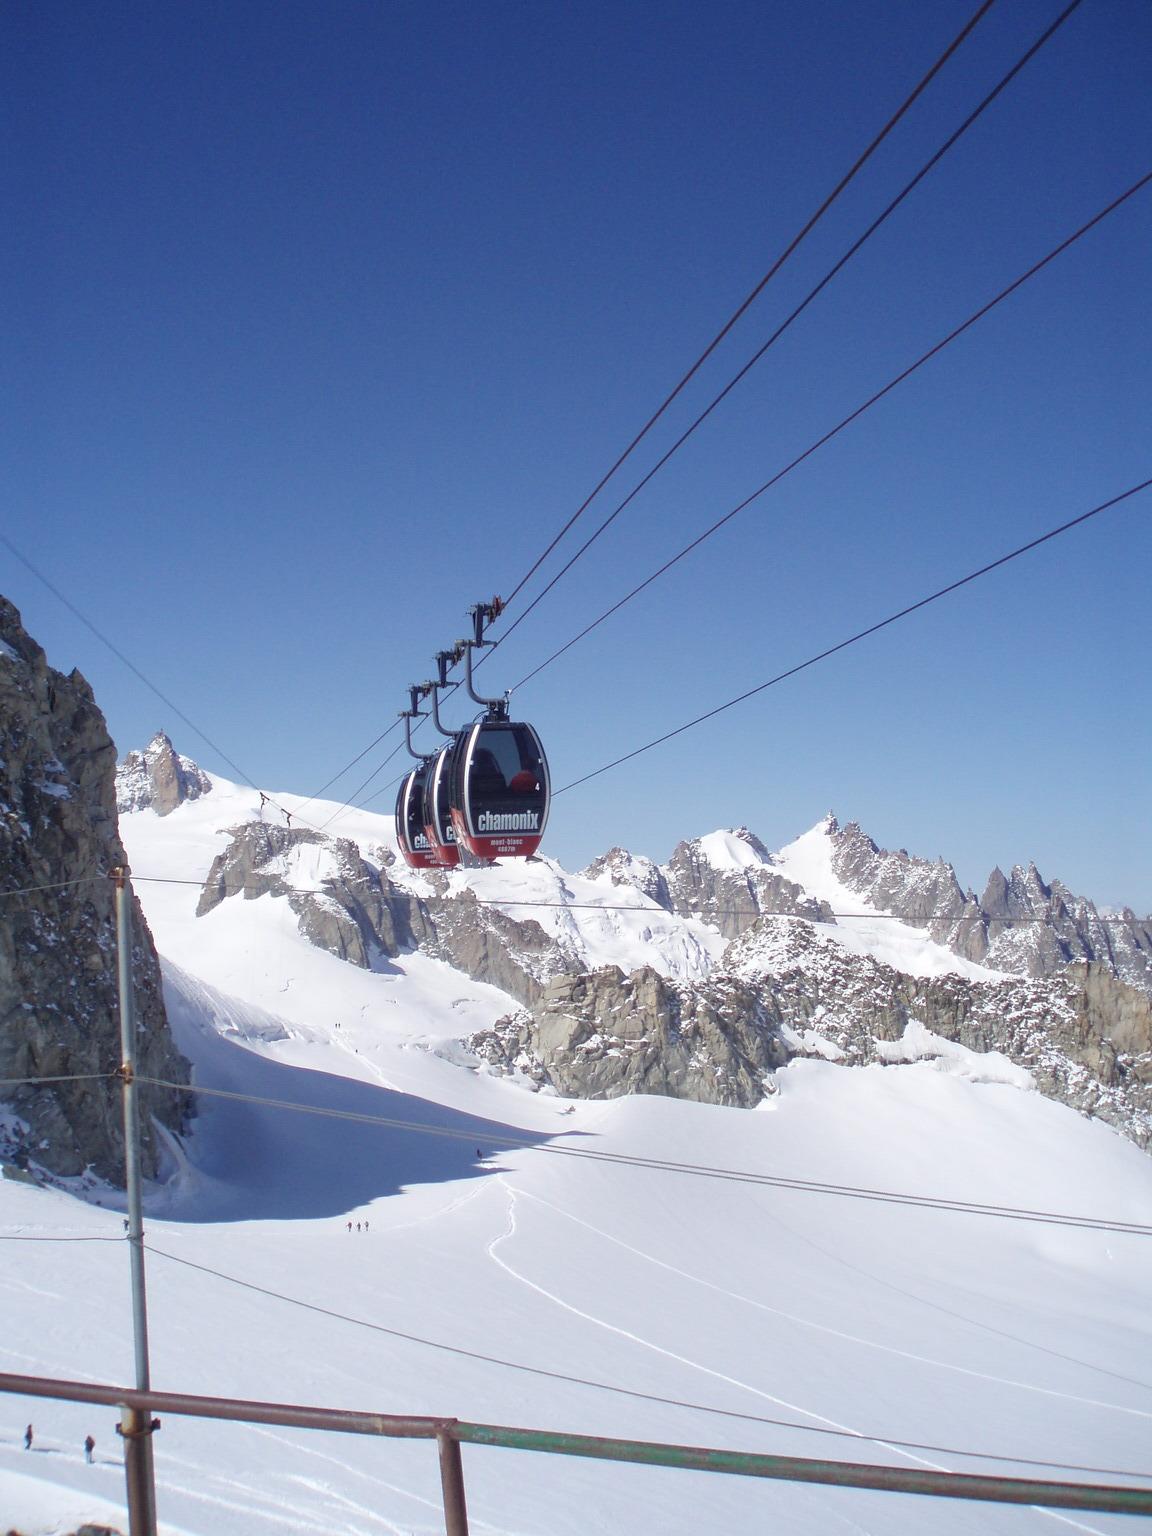 Kolejka linowa z Punta Helbronner do francuskiego Chamoix-Mont-Blanc.